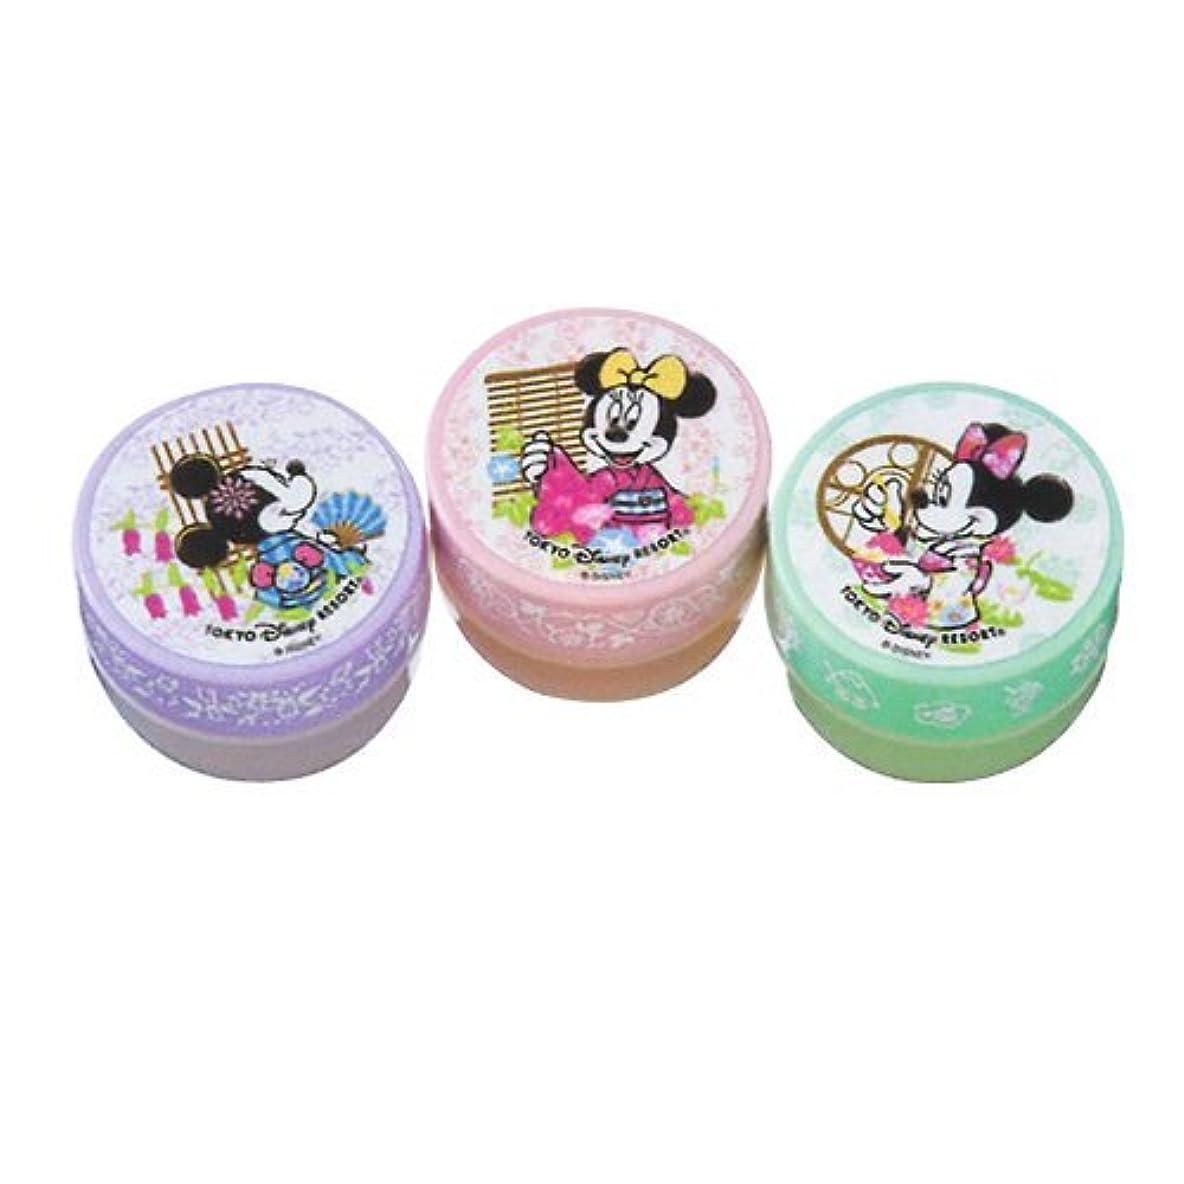 不正代表する無意味ミニーマウス ハンドクリームセット 浴衣柄 【東京ディズニーリゾート限定】